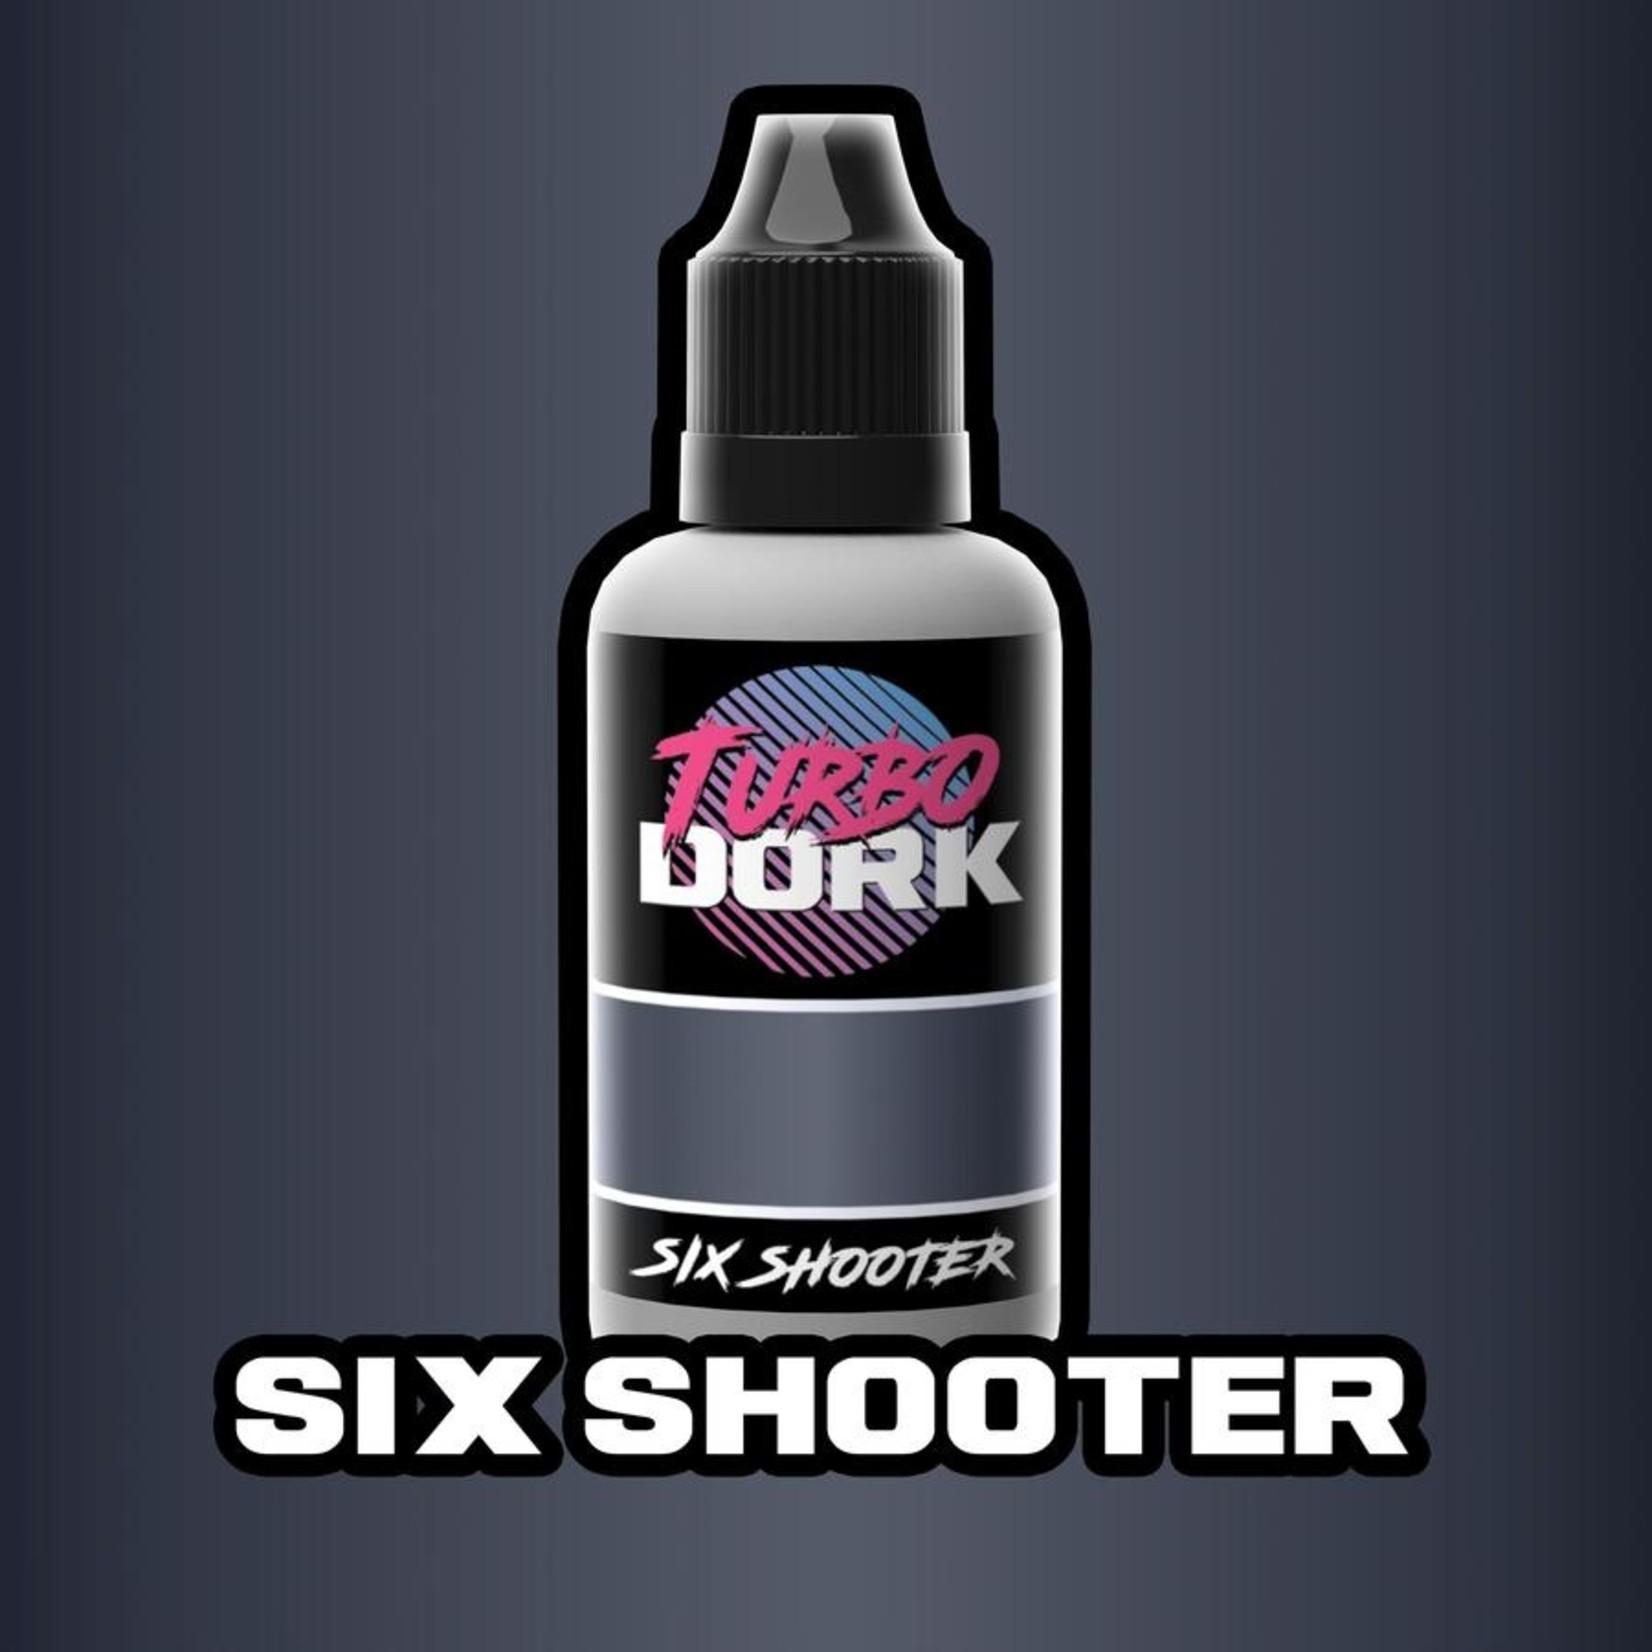 Turbodork Six Shooter Metallic Acrylic Paint 20ml Bottle